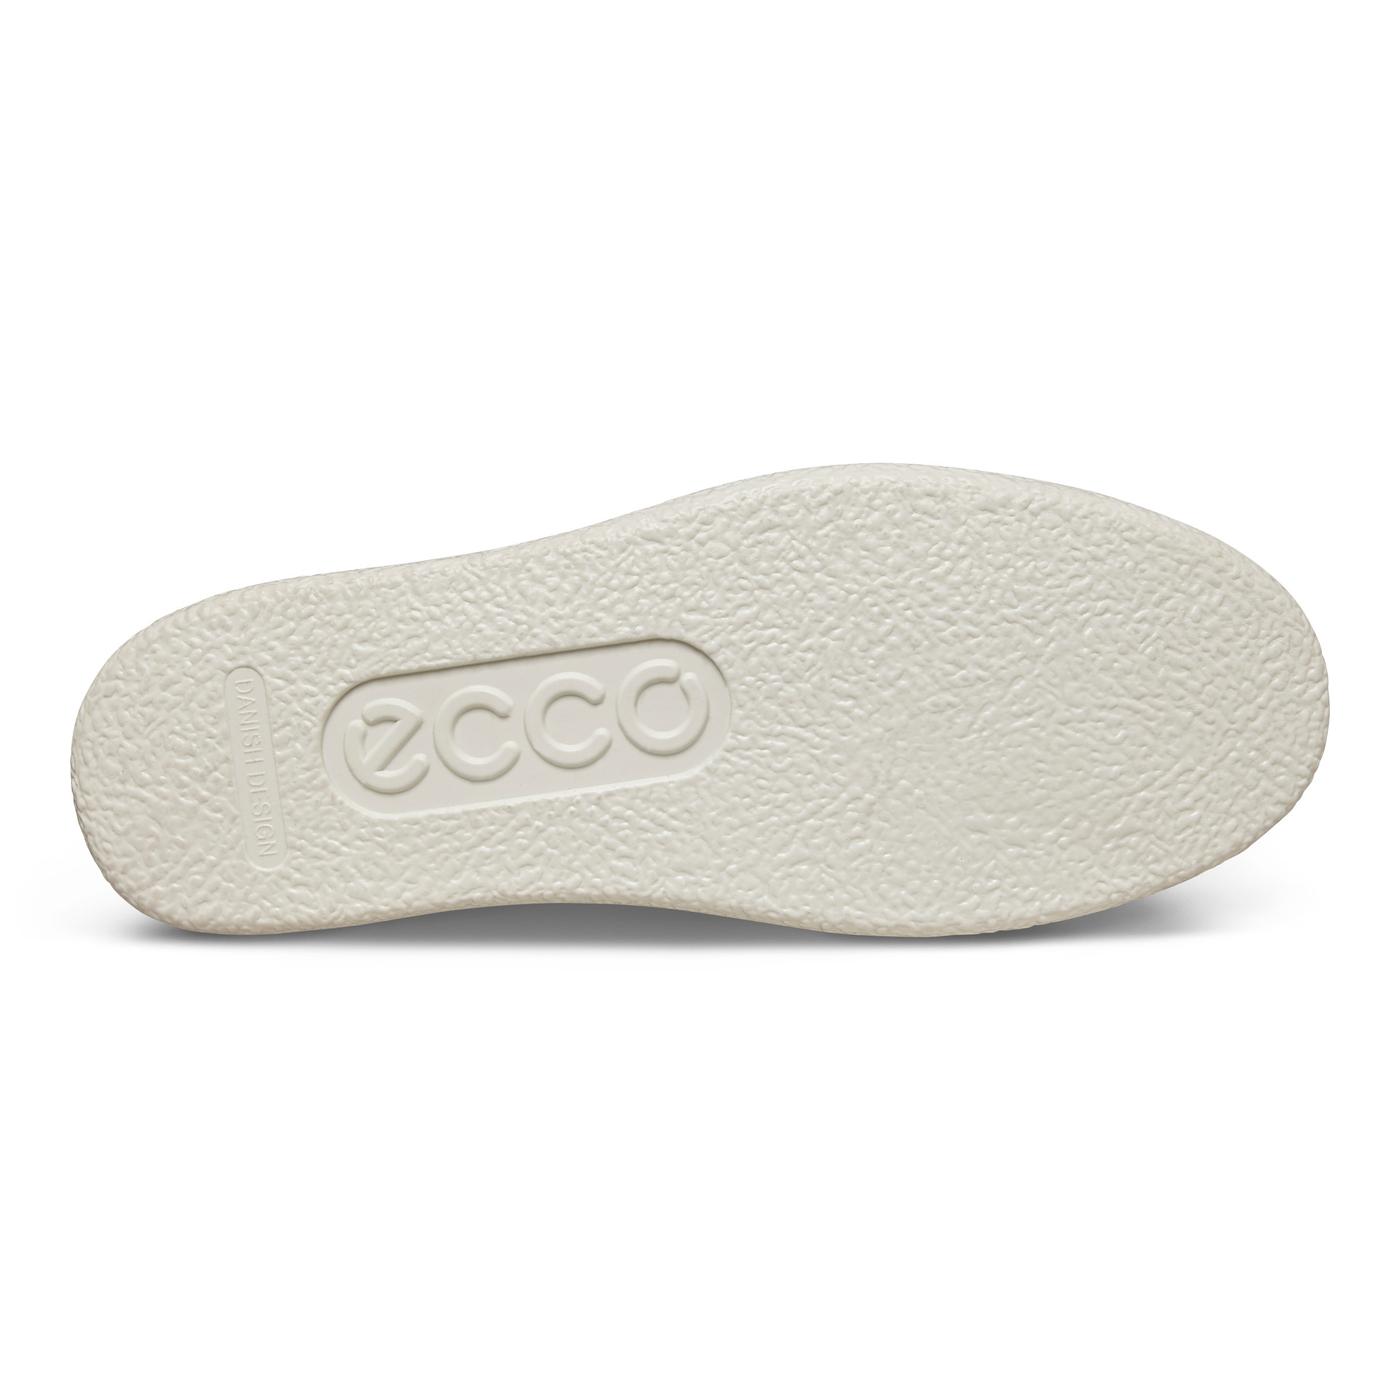 ECCO Soft 1 Mens Tie